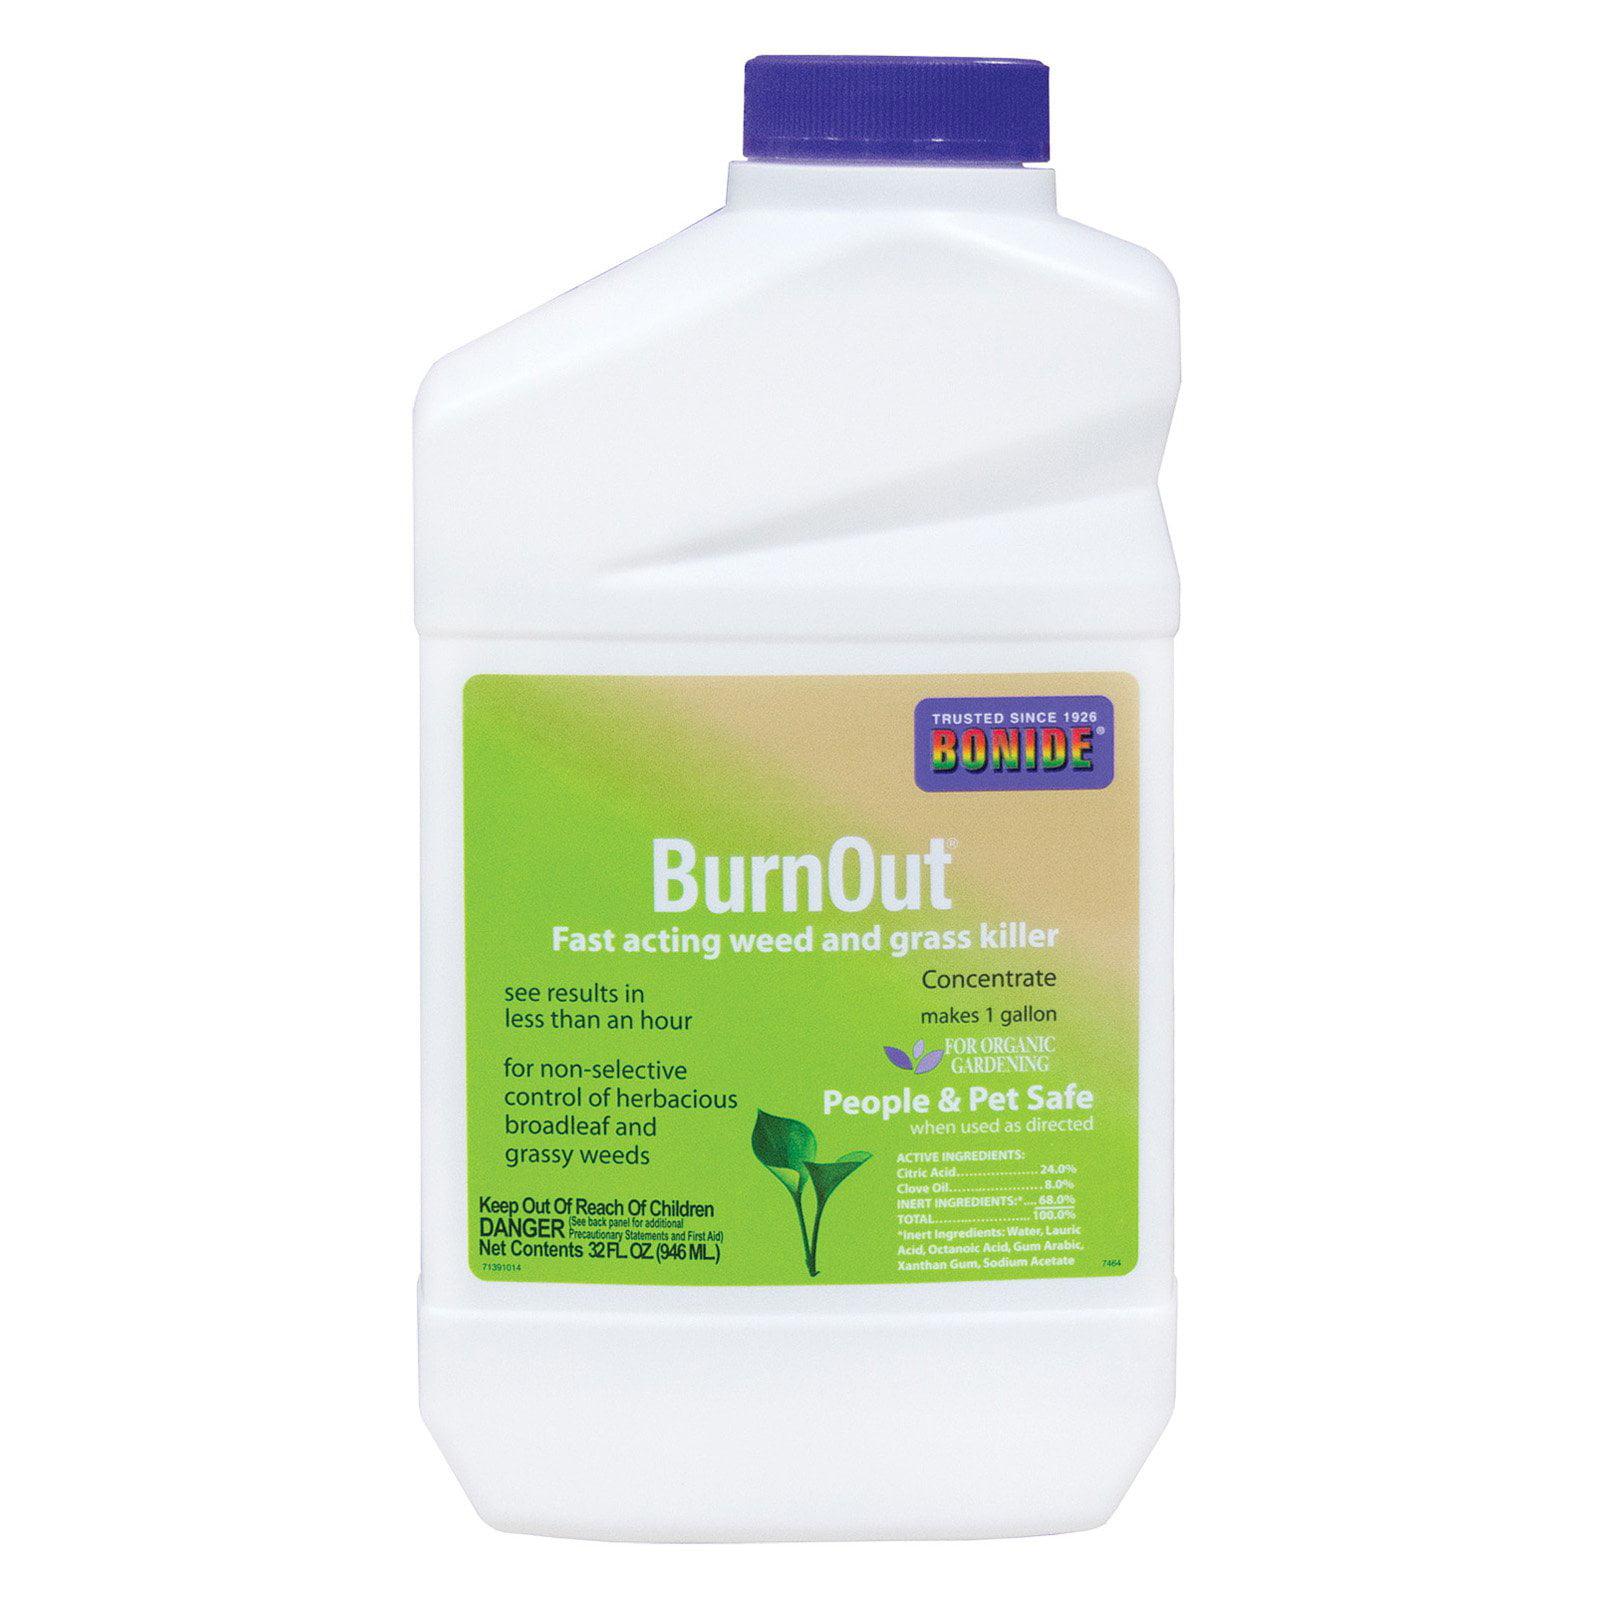 Bonide BurnOut Weed & Grass Killer Concentrate